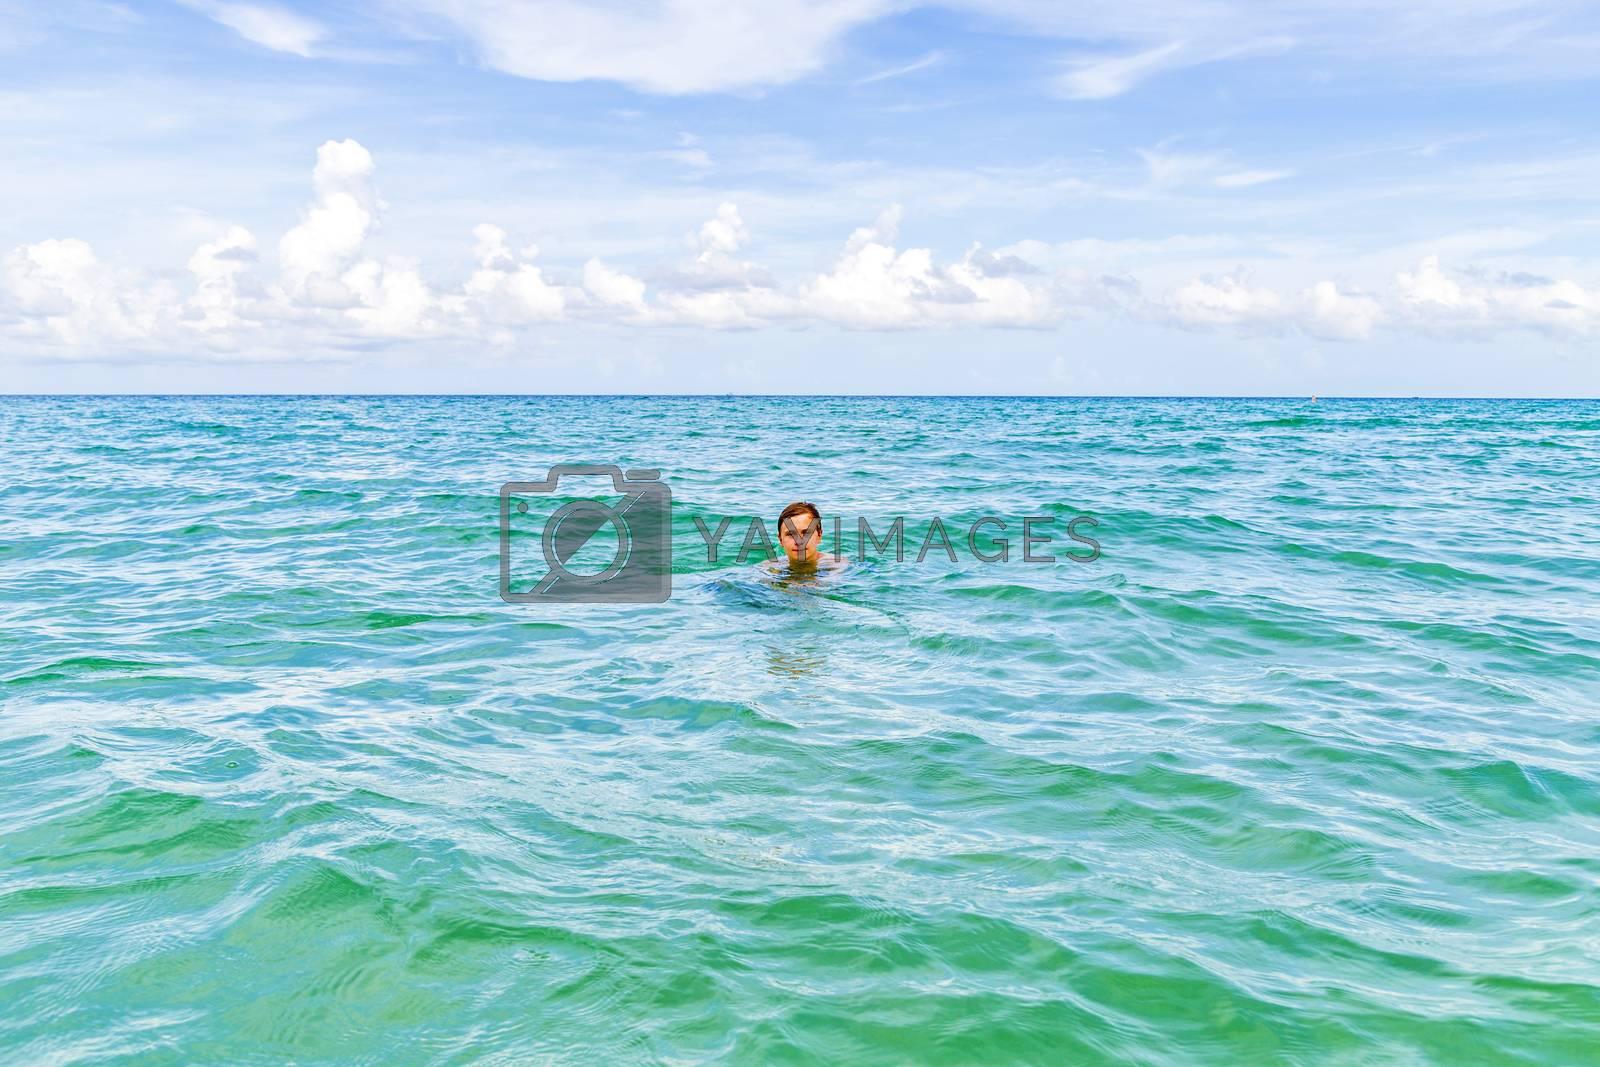 teenage boy enjoys breaststroking in the ocean